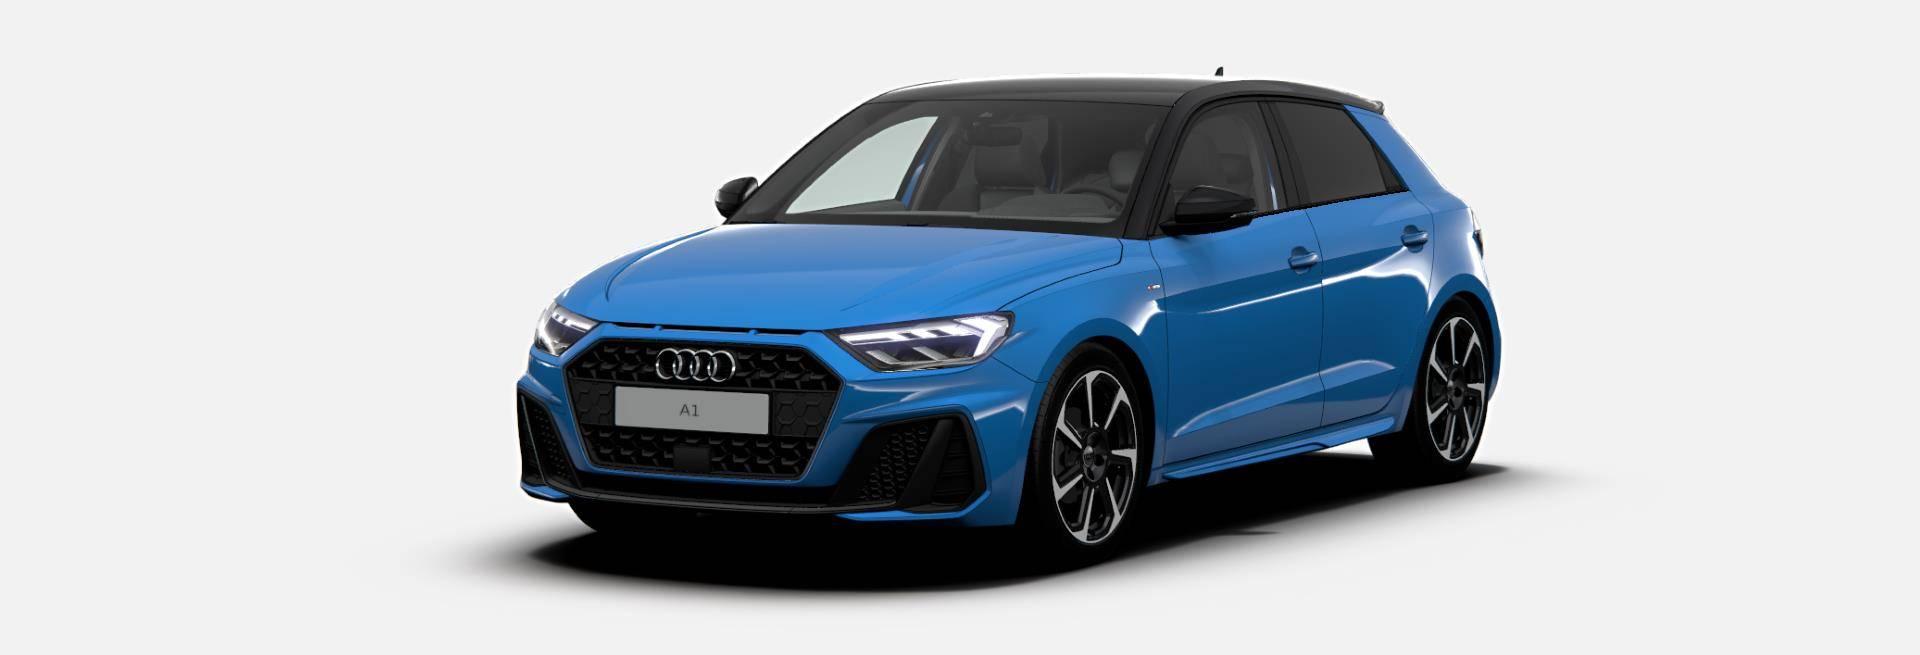 Nouvelle Audi A1 Turbo Blue Edition 9